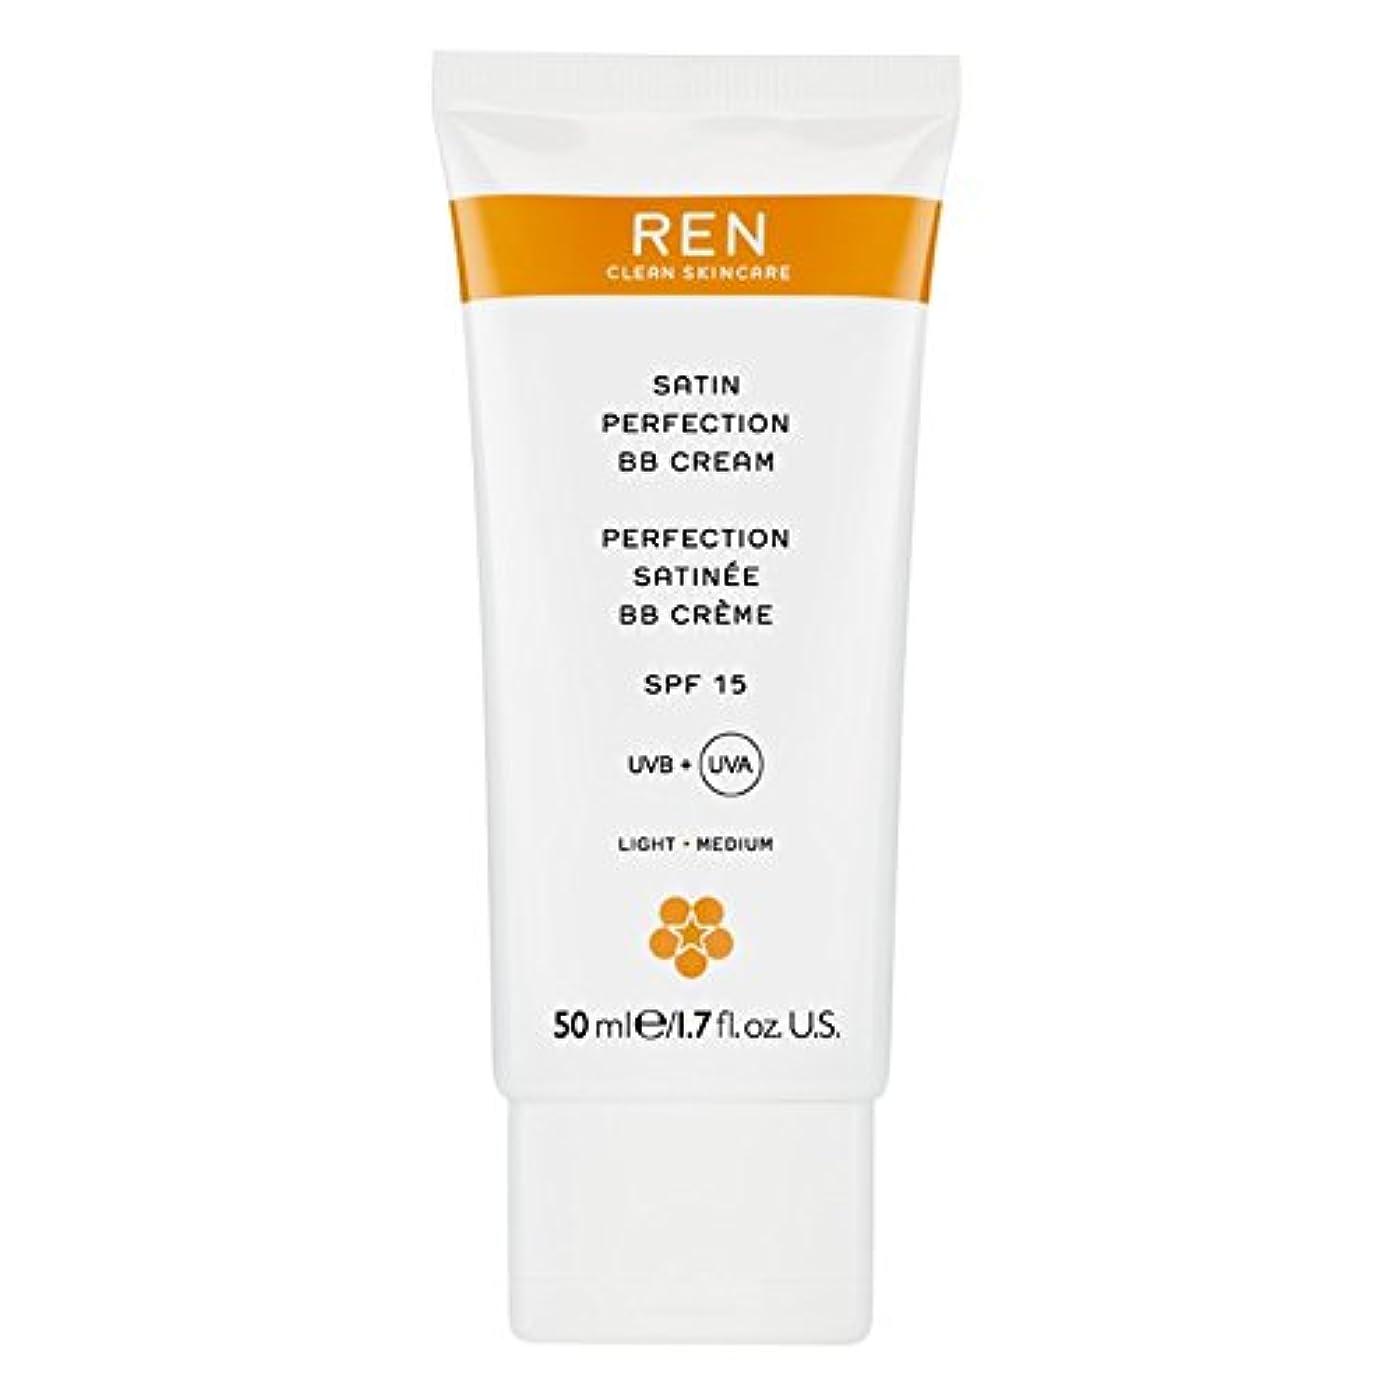 消費する比べるピービッシュRenサテン完璧Bbクリーム50ミリリットル (REN) (x2) - REN Satin Perfection BB Cream 50ml (Pack of 2) [並行輸入品]